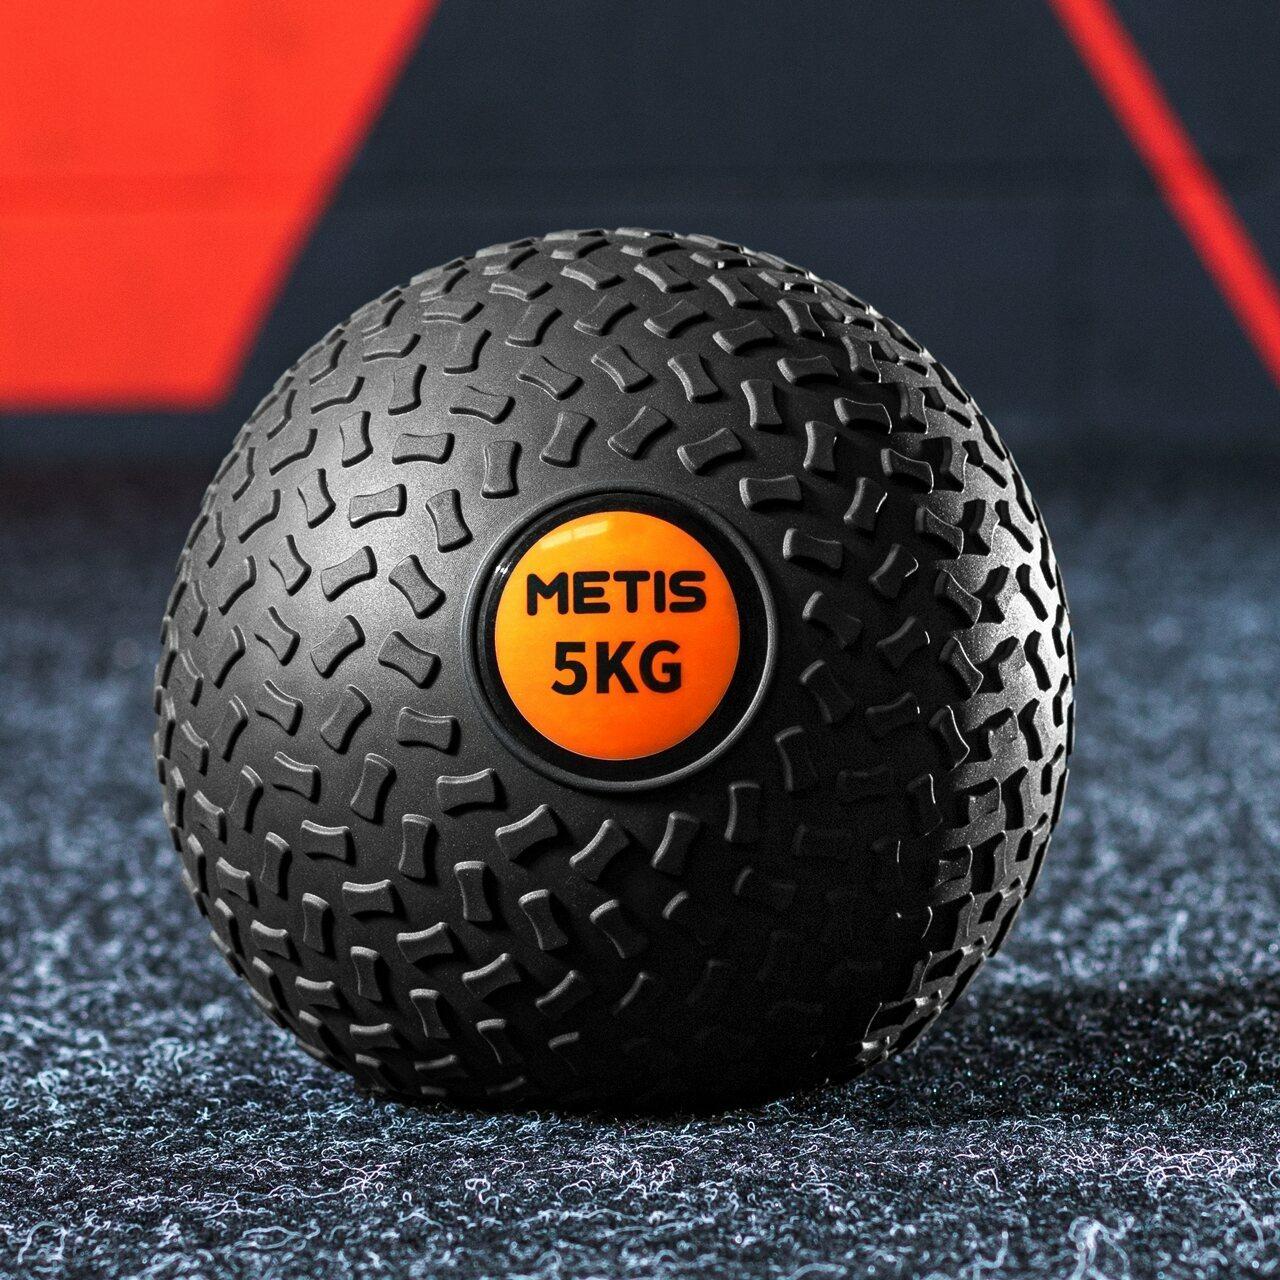 METIS Fitness Slam Balls [3-20kg]